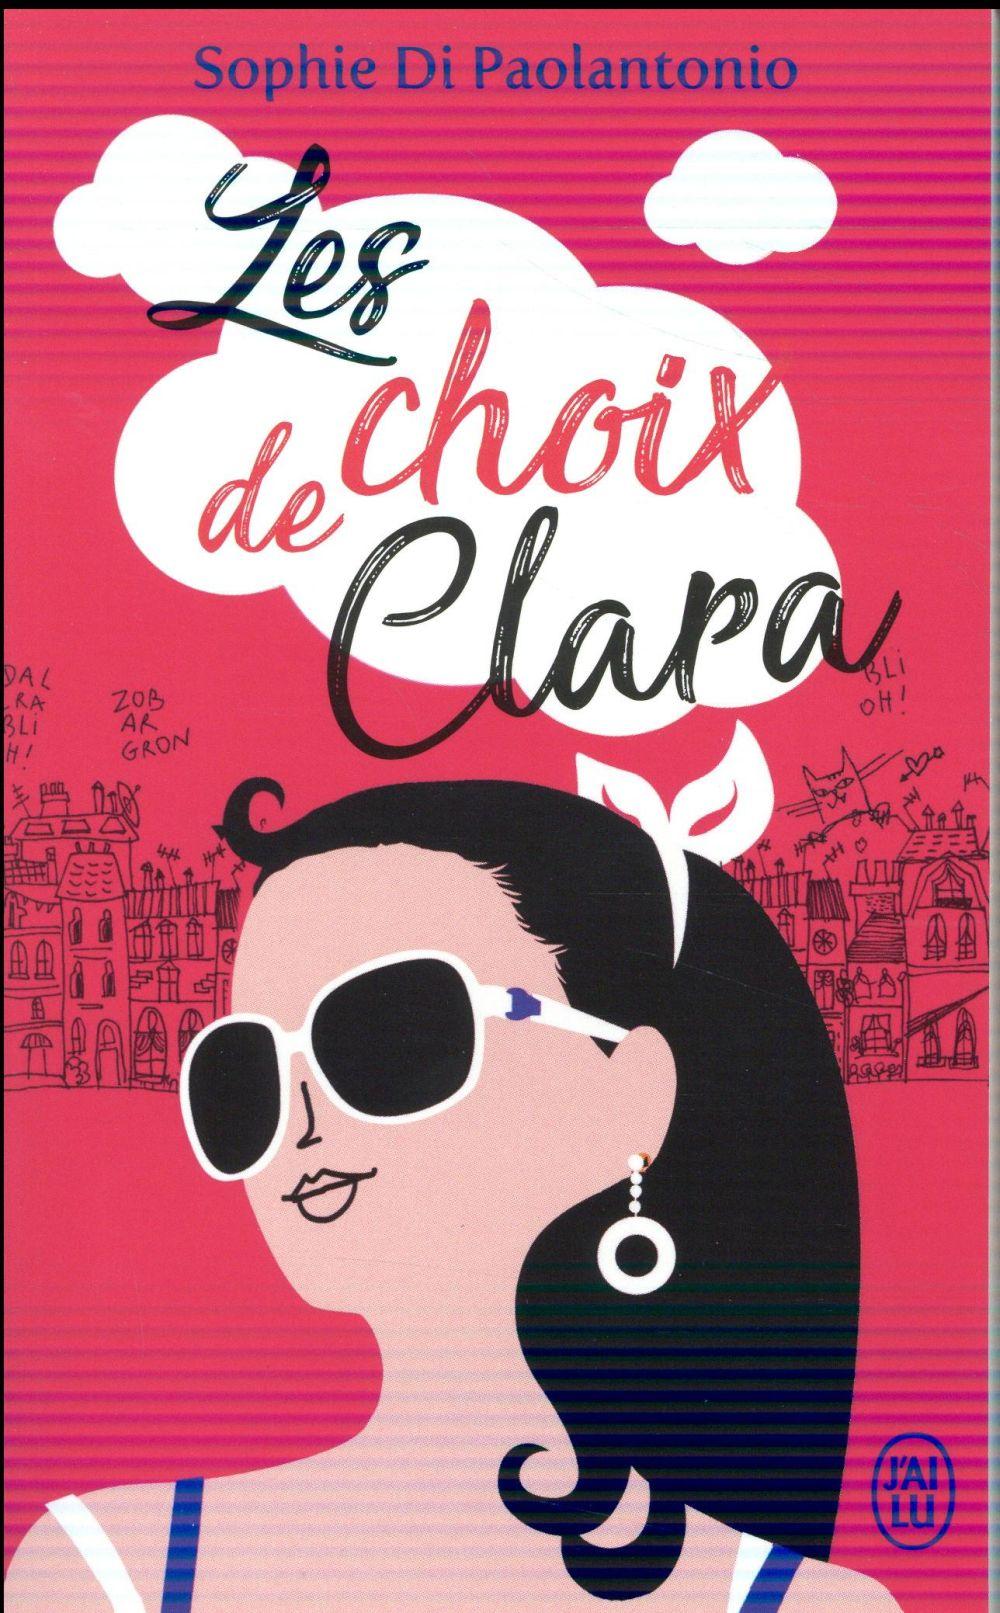 LES CHOIX DE CLARA